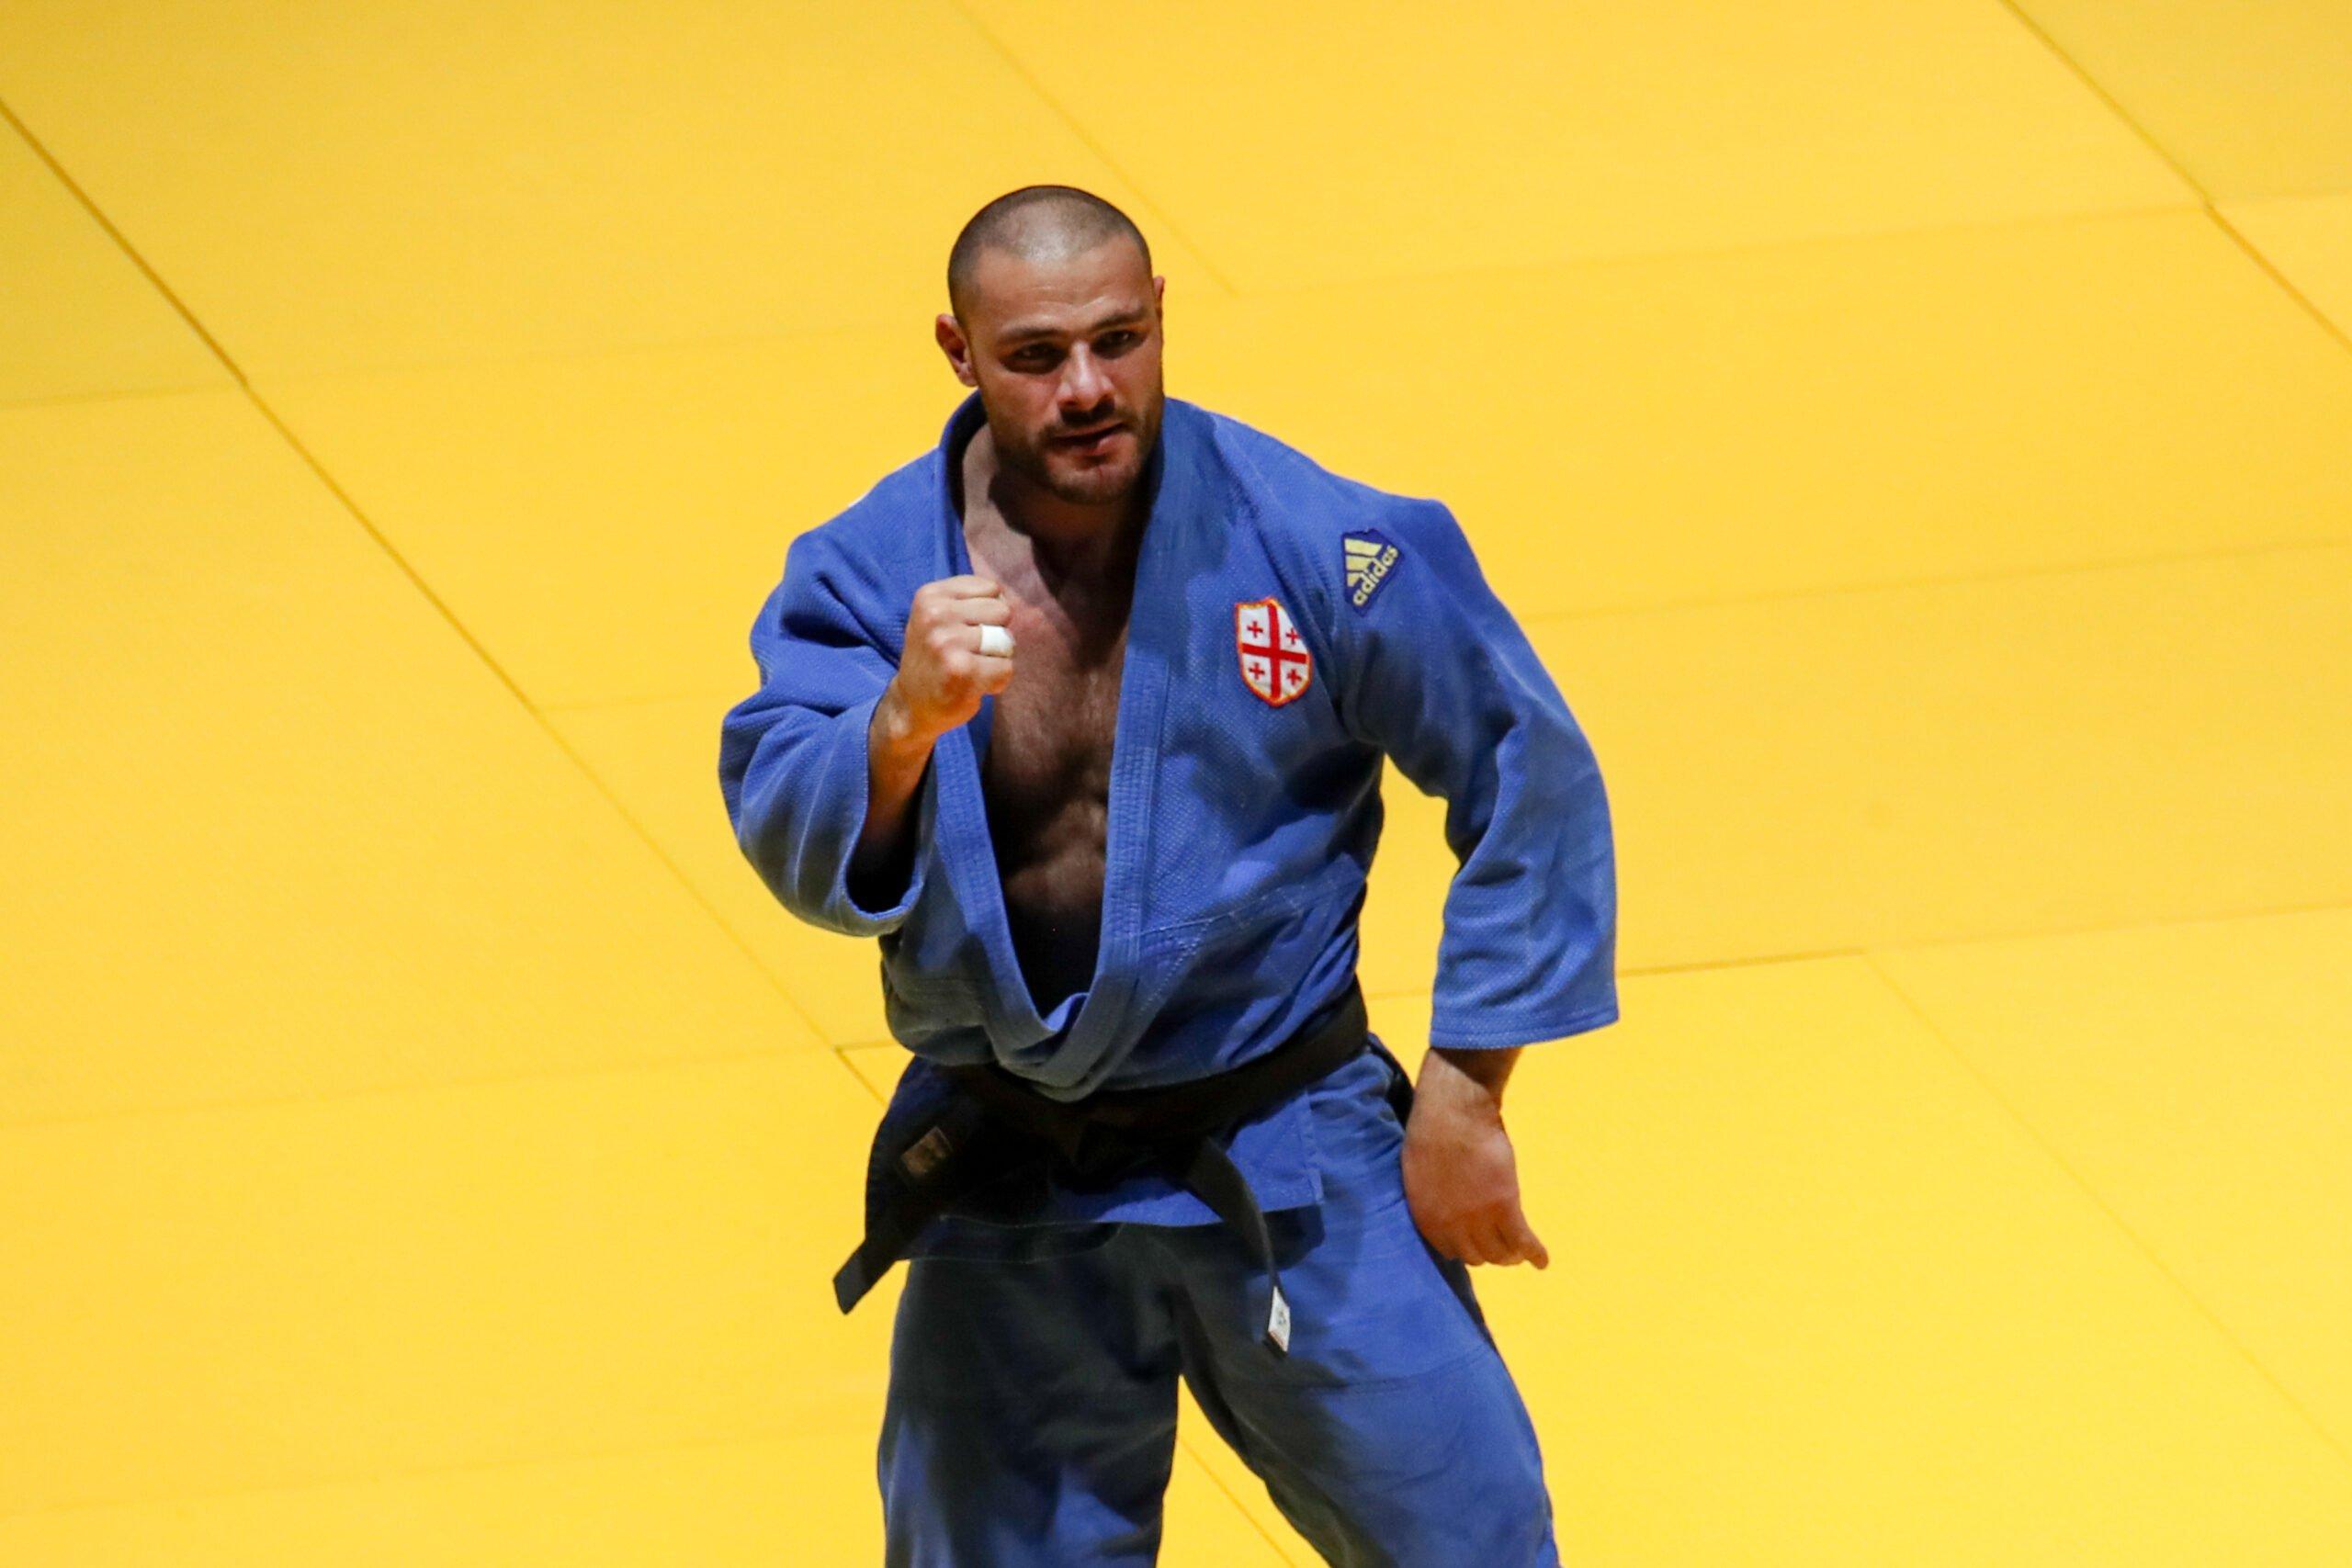 Georgian judo star Guram Tushishvili (GEO) is celebrating in an adidas judogi